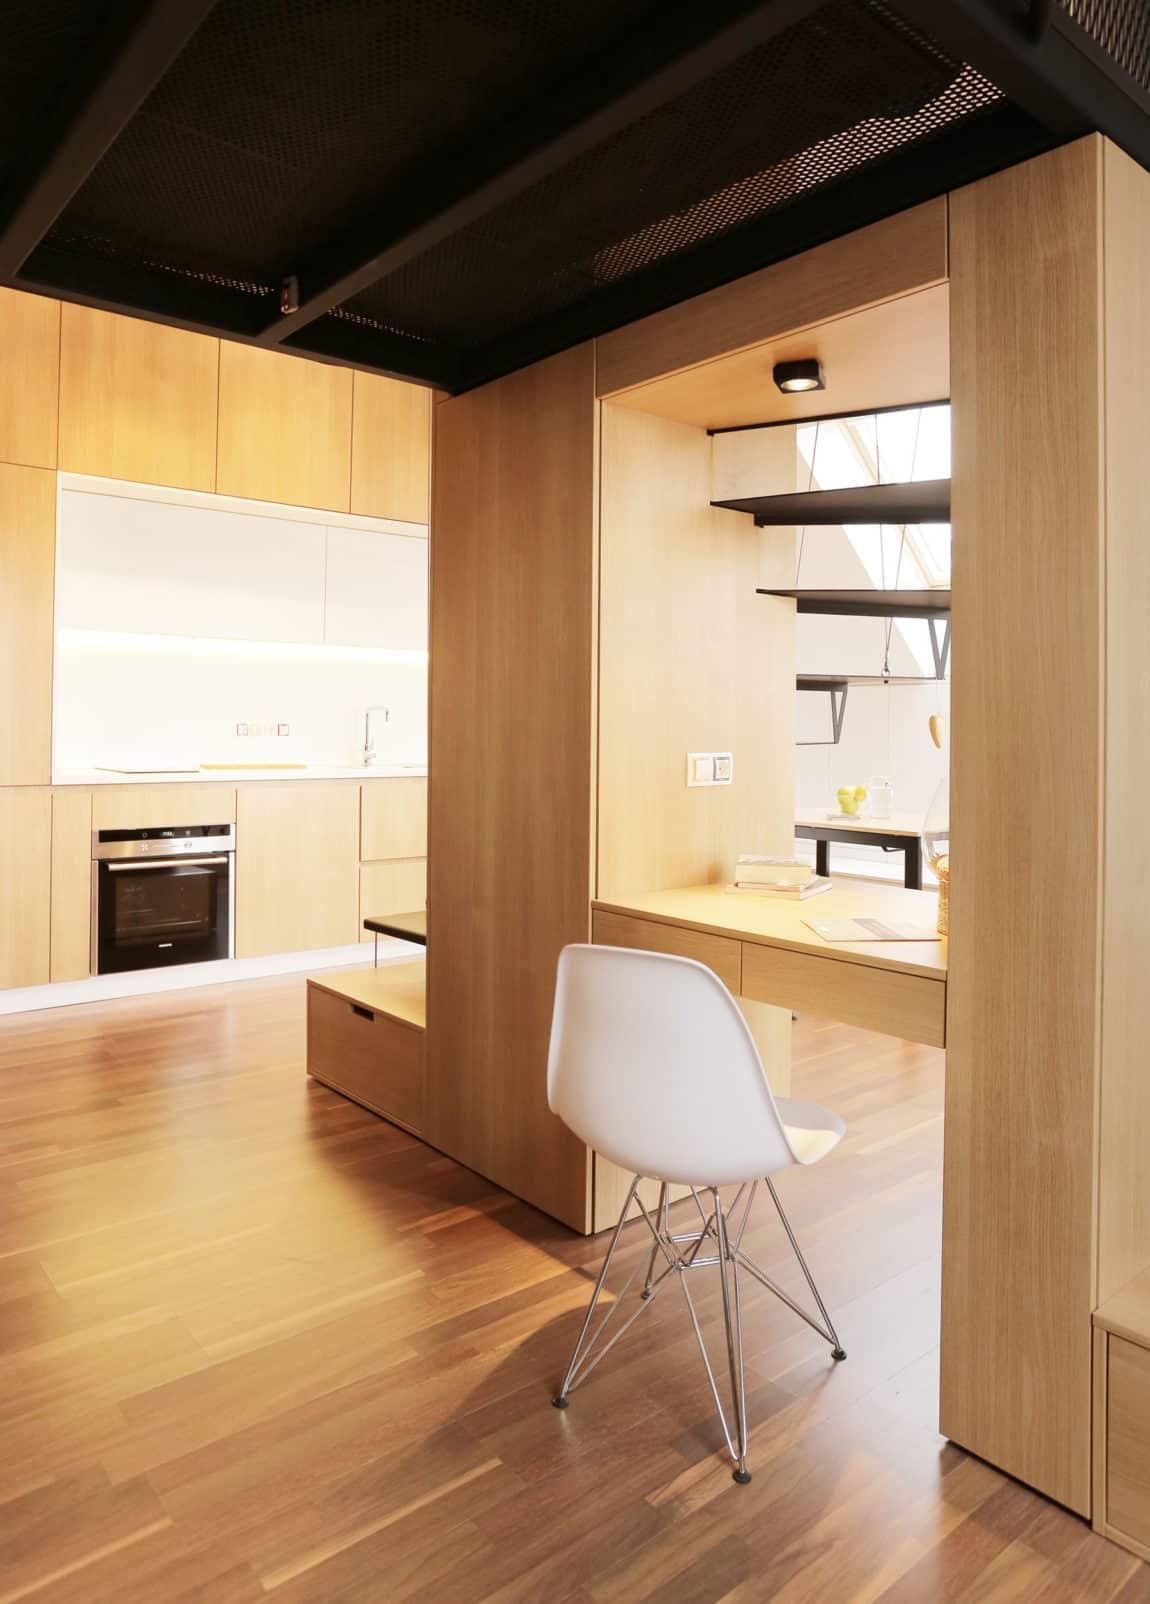 Apartment in Sofia by Edo Design Studio (2)